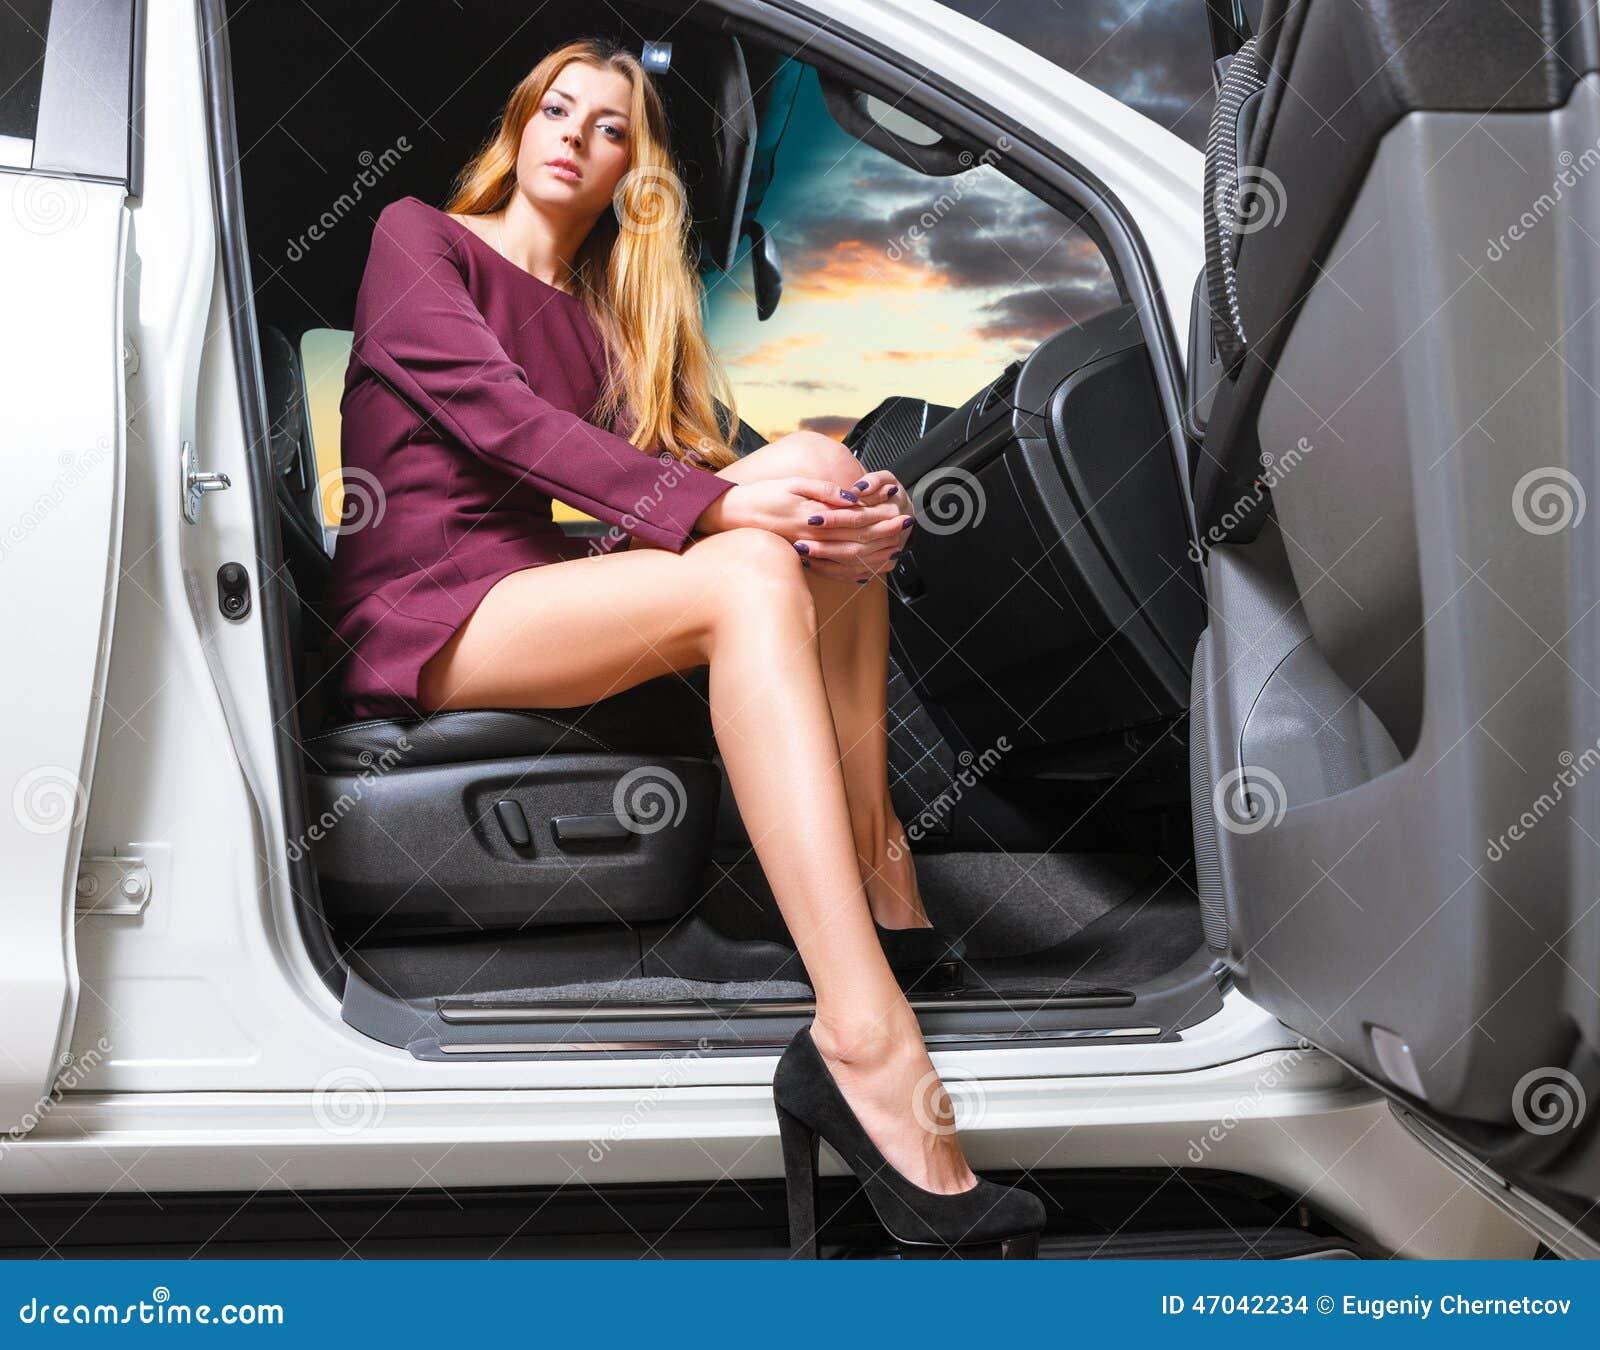 Nackte Frauen im Auto - Zeige deine Sex Bilder